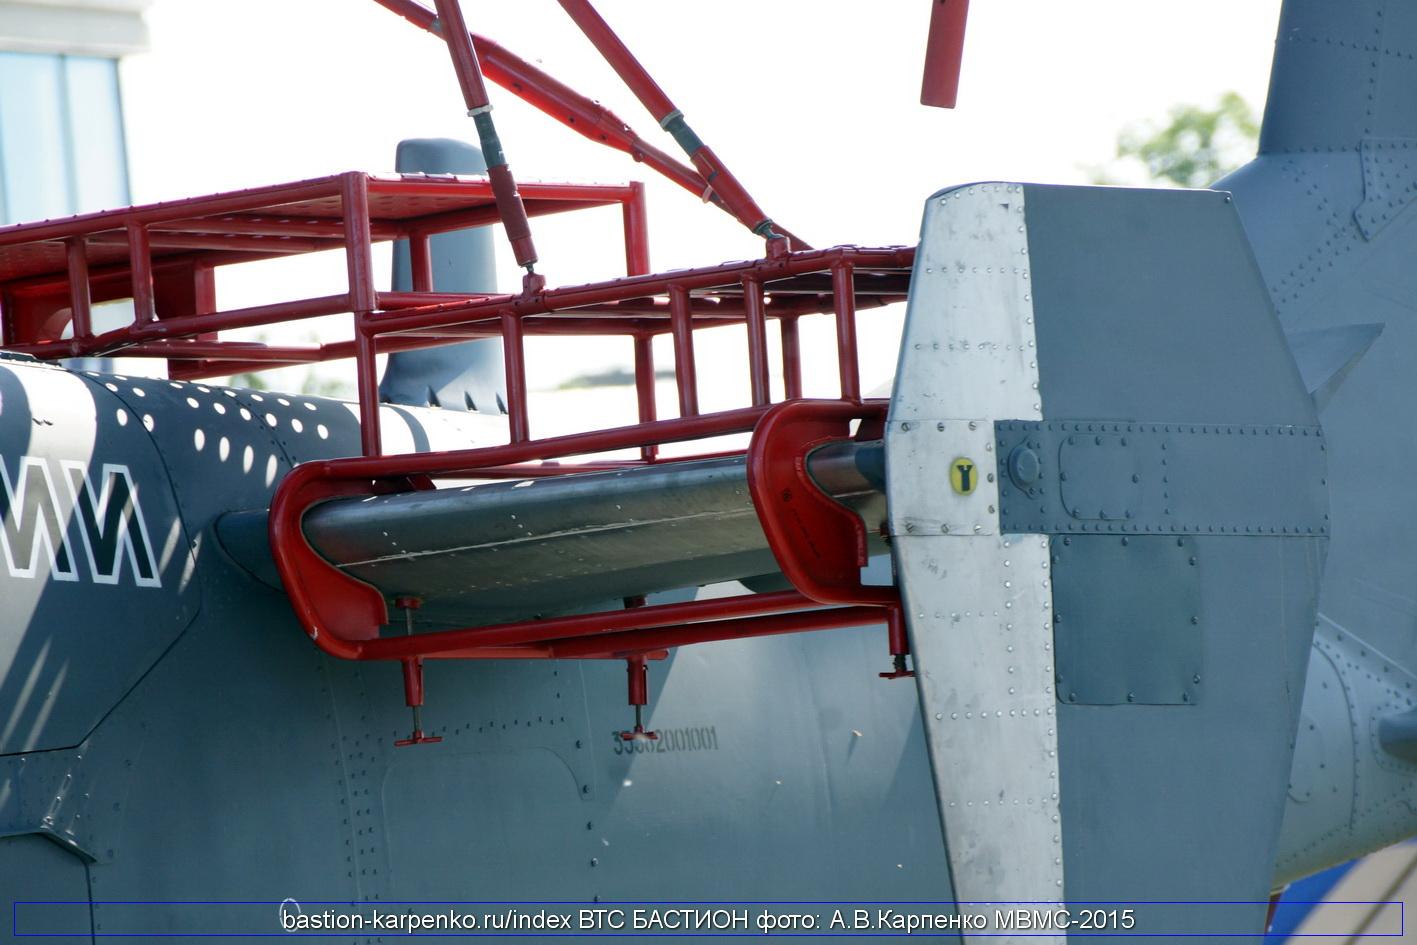 ka-52k_mvms-2015_54.JPG